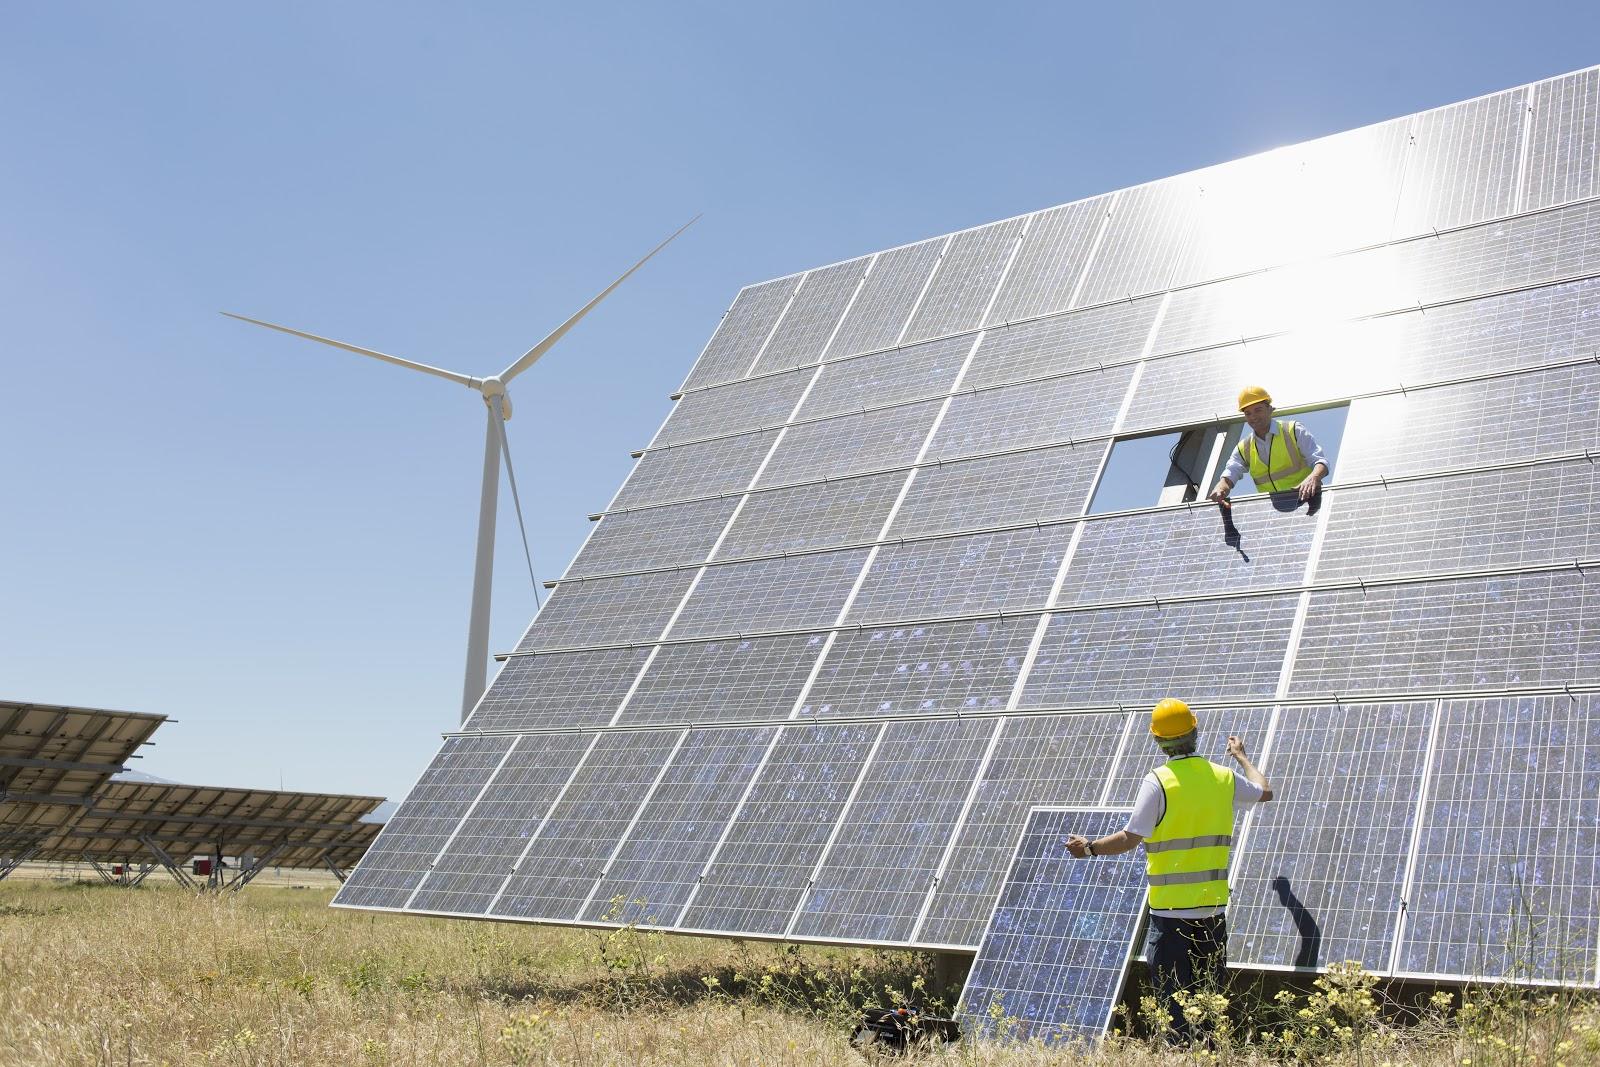 Imagem de placas fotovoltaicas de energia solar em manutenção. Há a presença de dois homens, uniformizados e trajando EPIs.